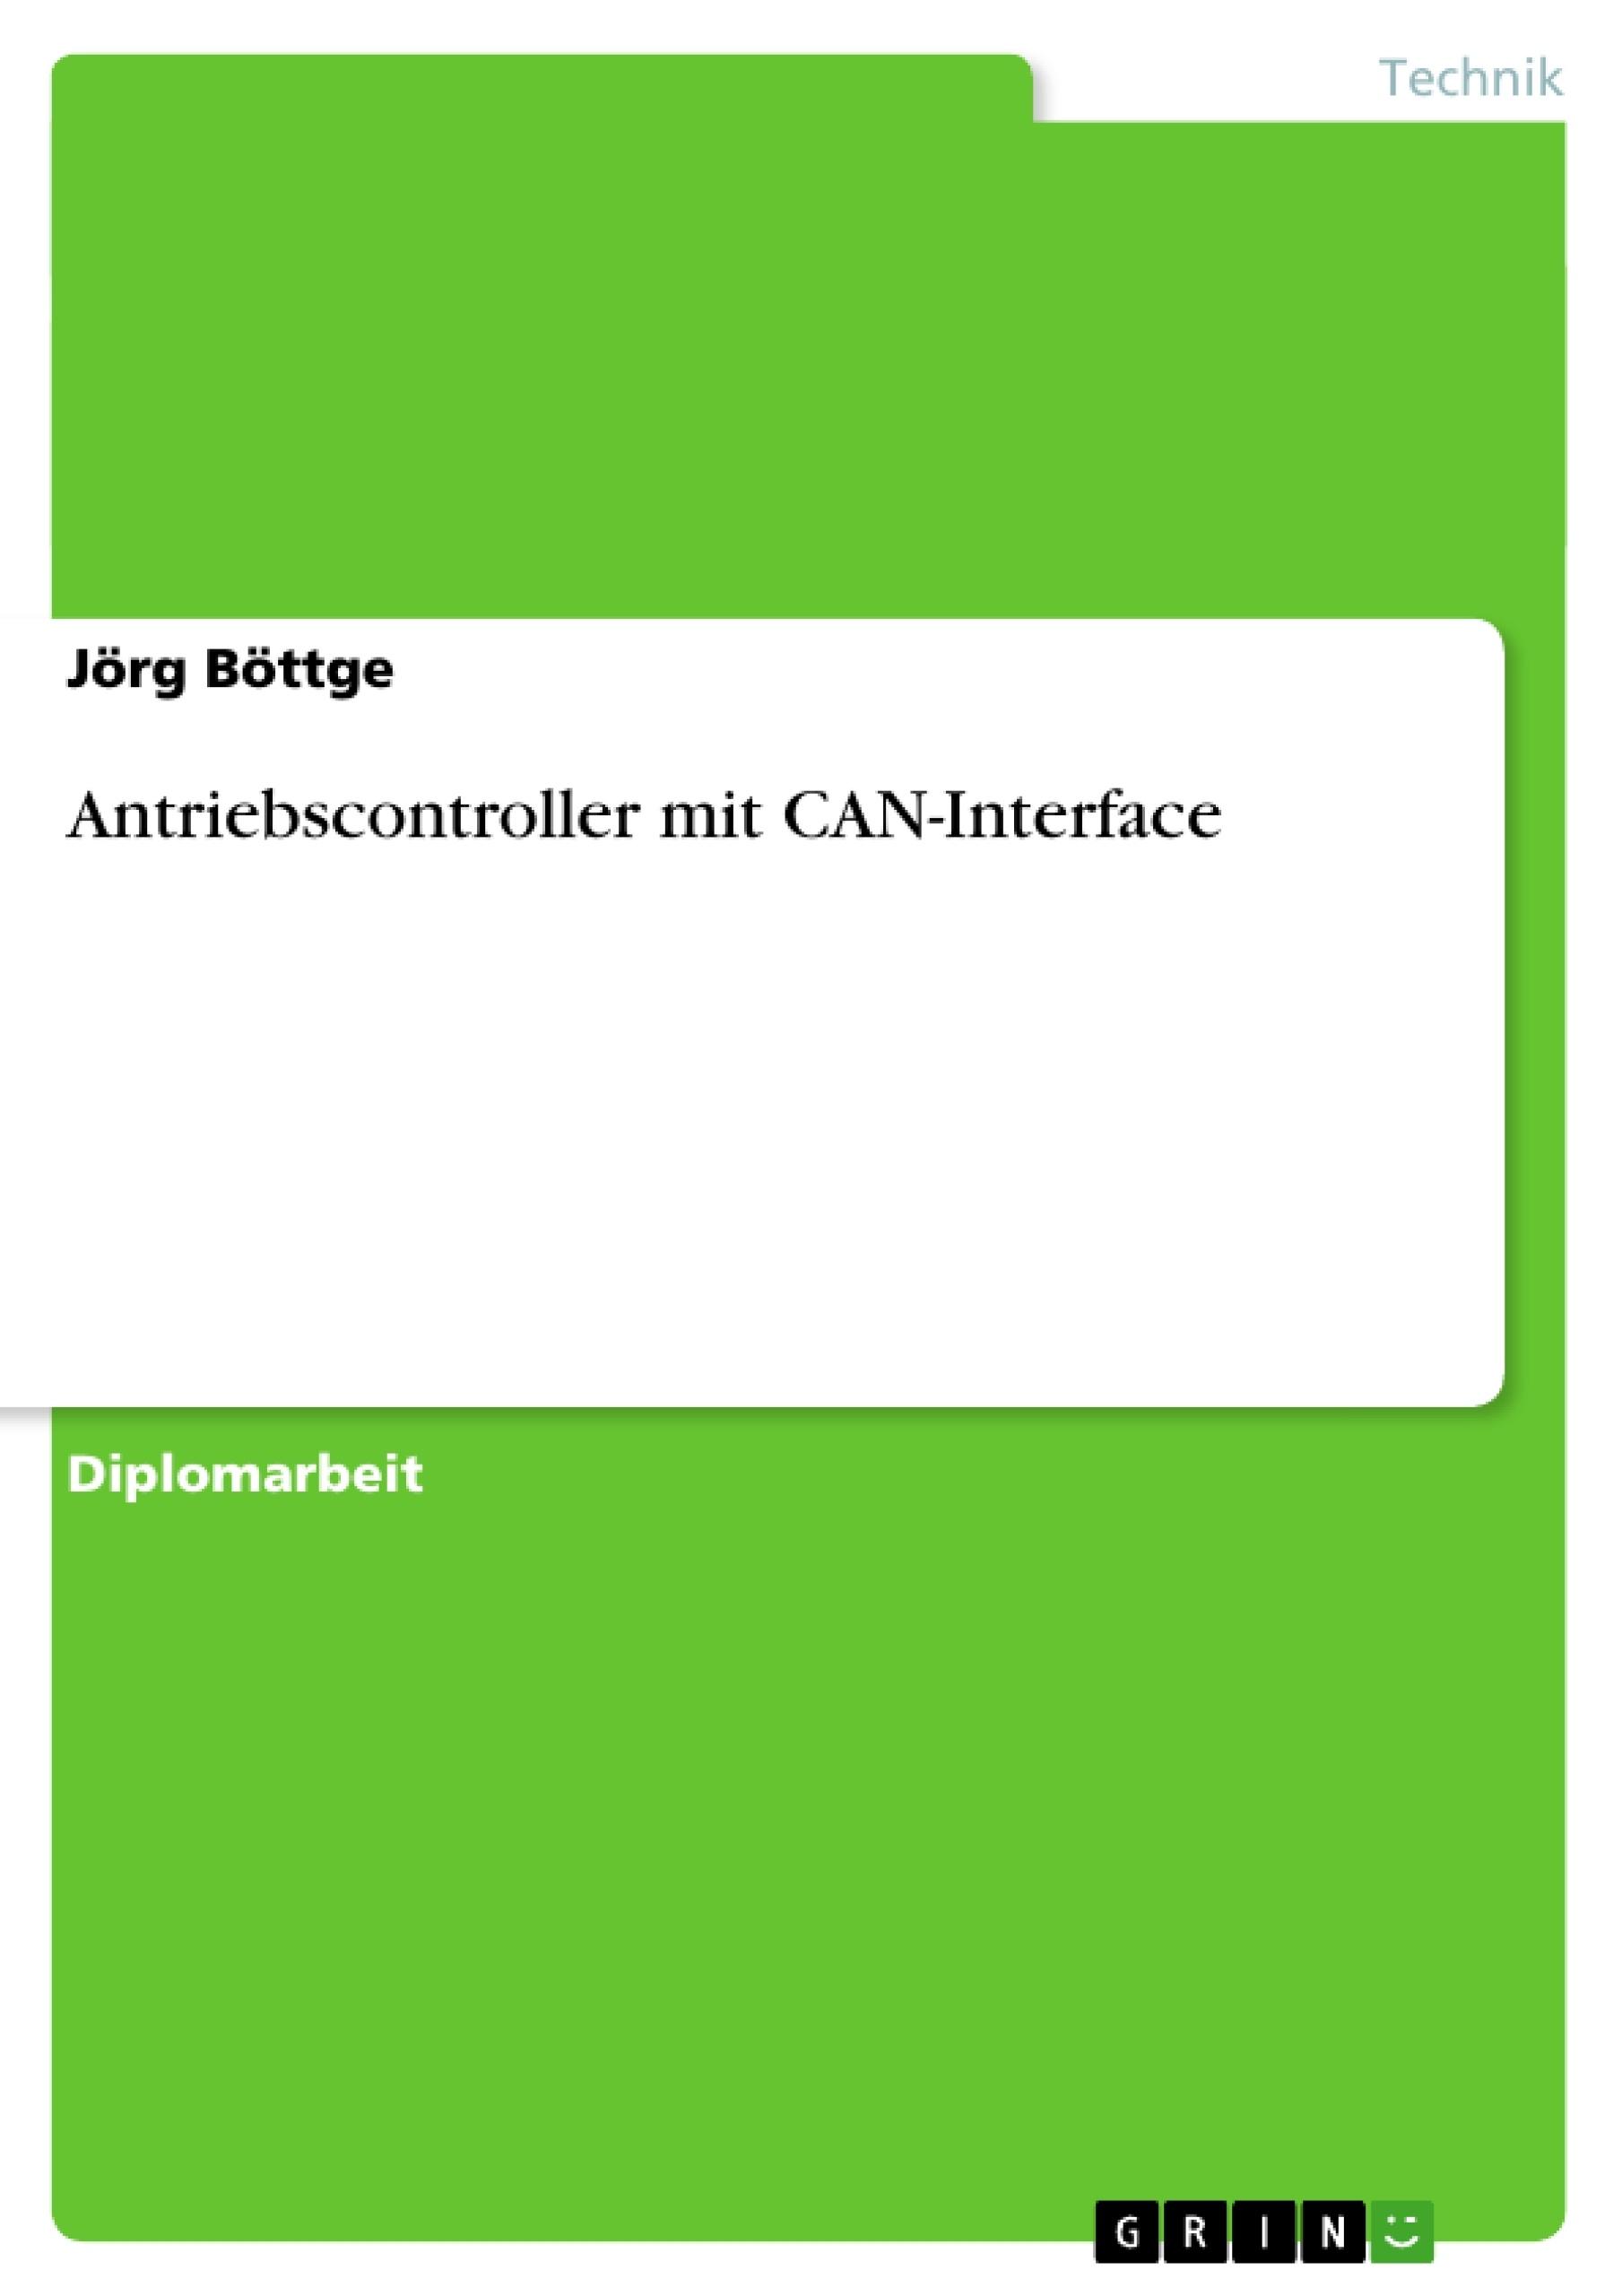 Titel: Antriebscontroller mit CAN-Interface